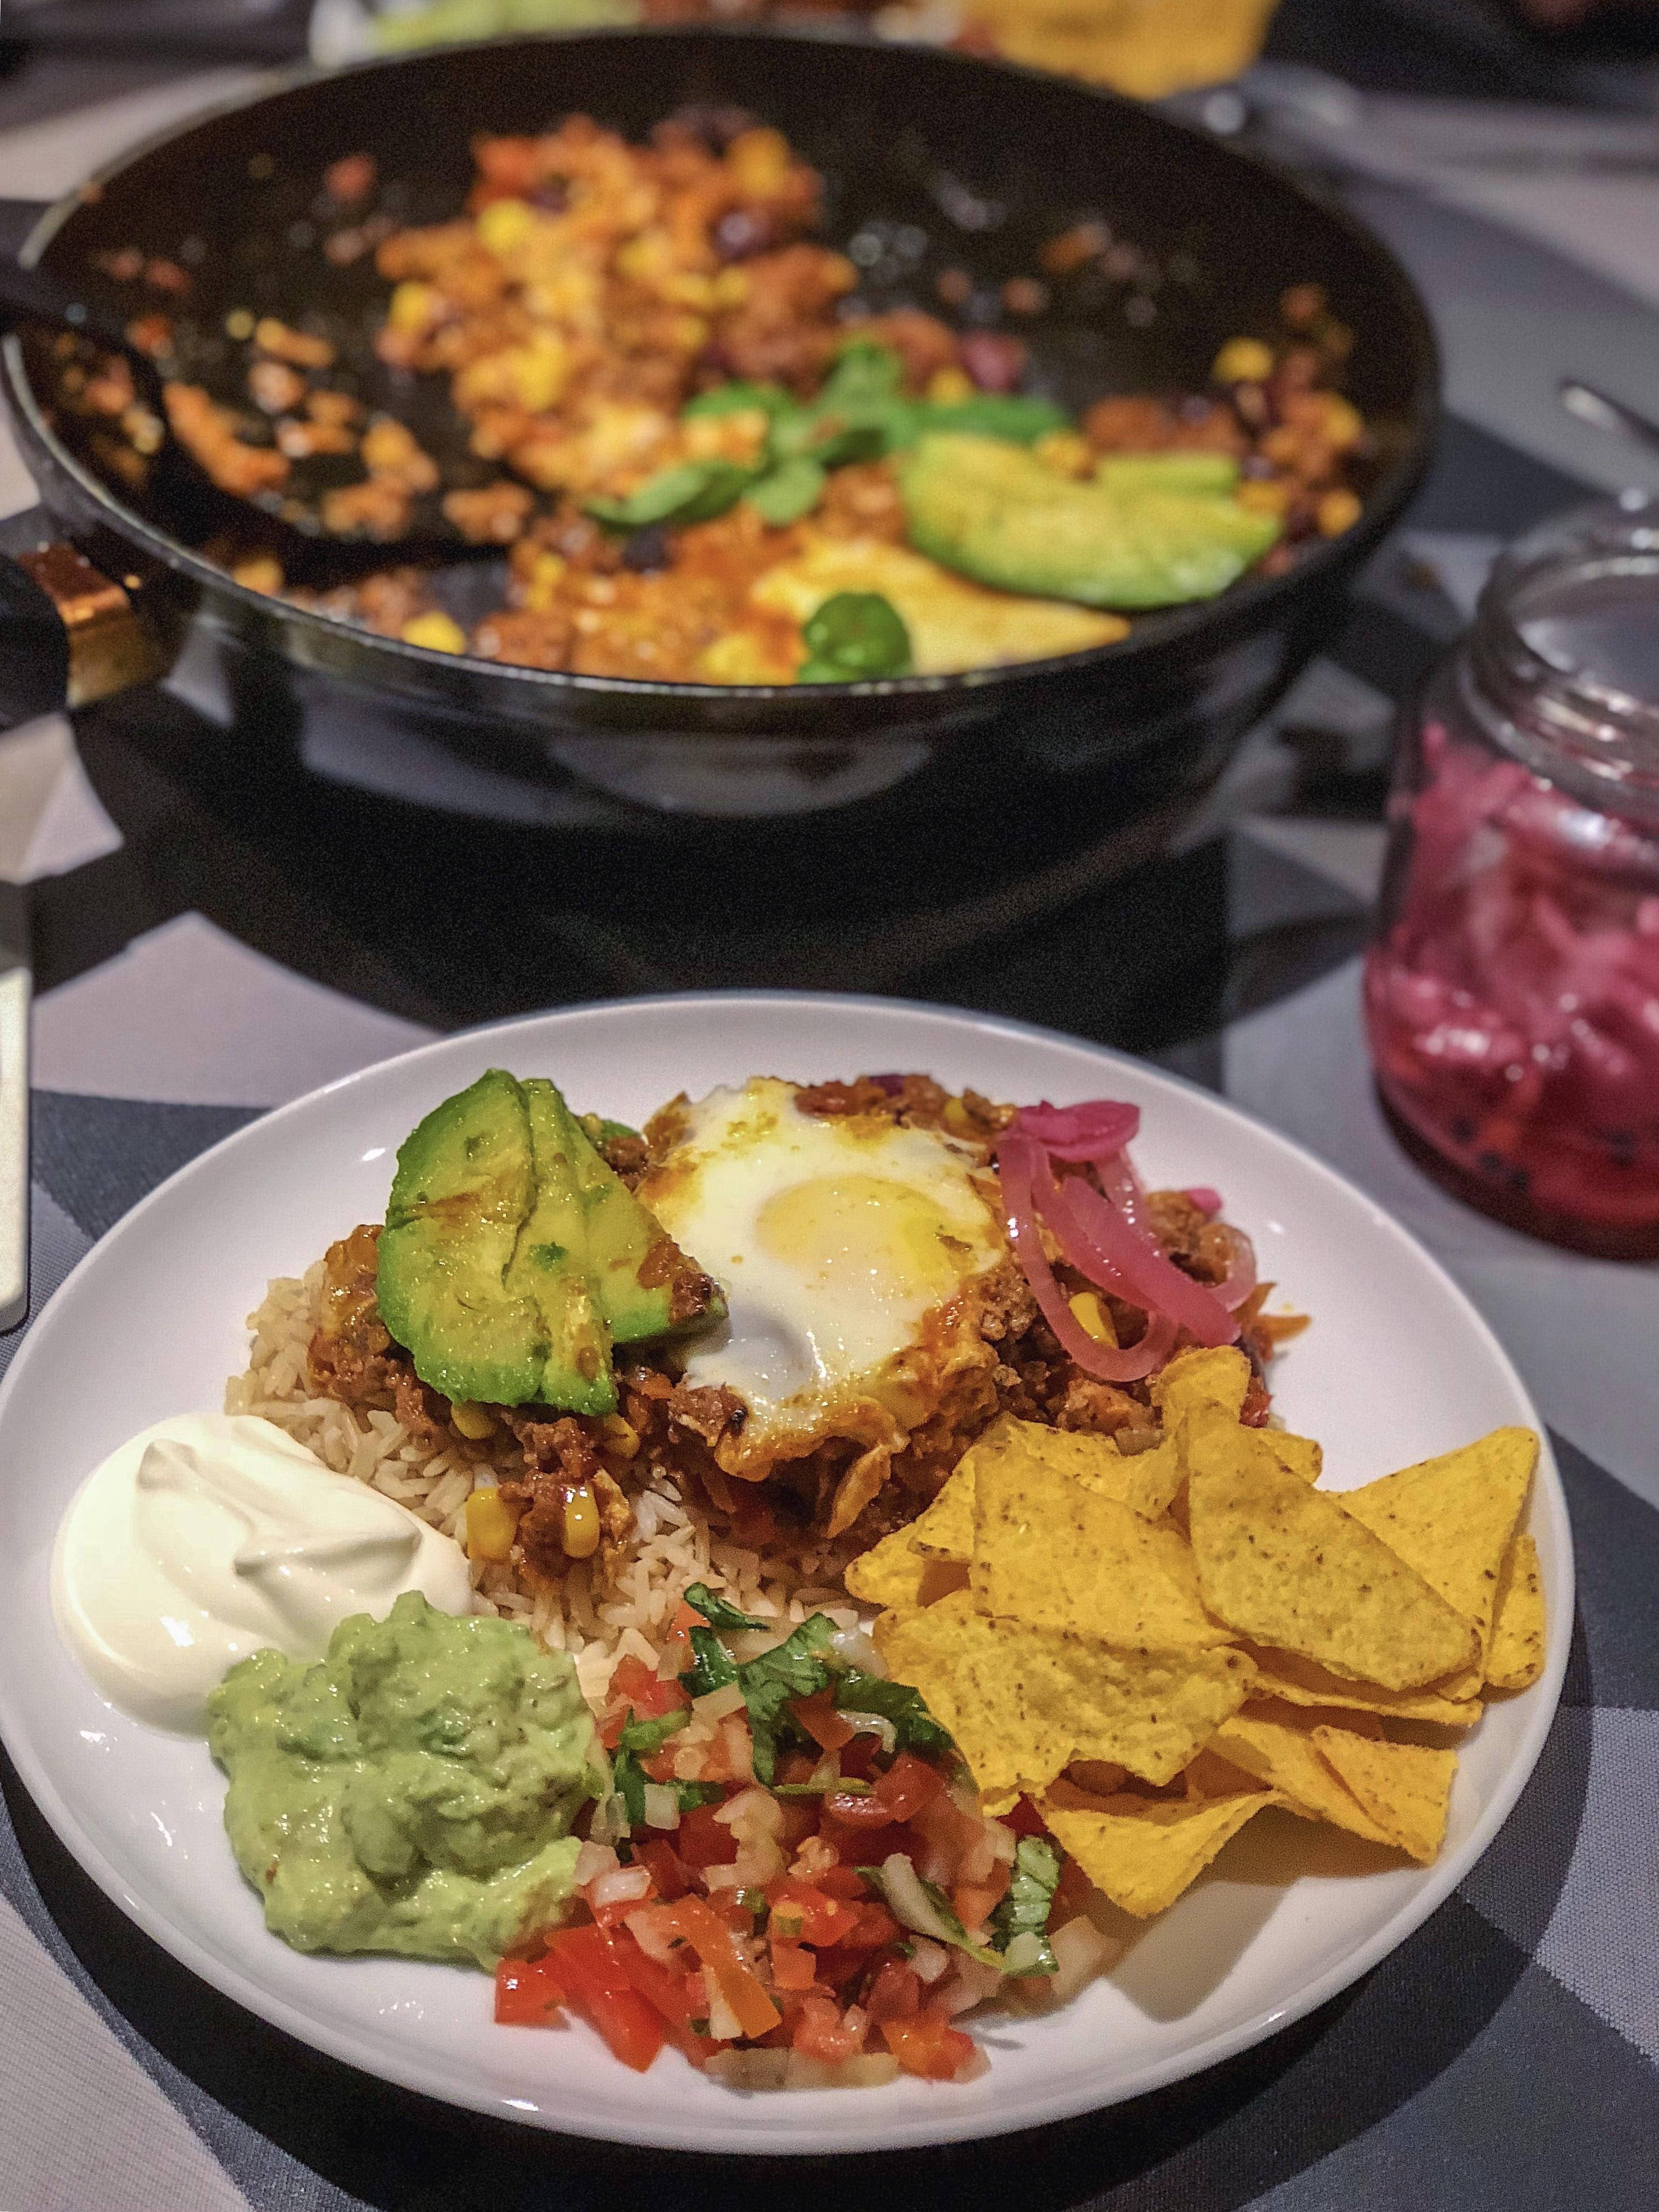 Mexicansk gryderet med oksekød serveret med tomat salsa og grov guacamole, mexicansk mad, opskrift, opskrifter, Mia Lindholm, Madblog Madblogger, Aftensmad, Madinspiration, Nem mad, Hverdagsmad, Hverdagsretter